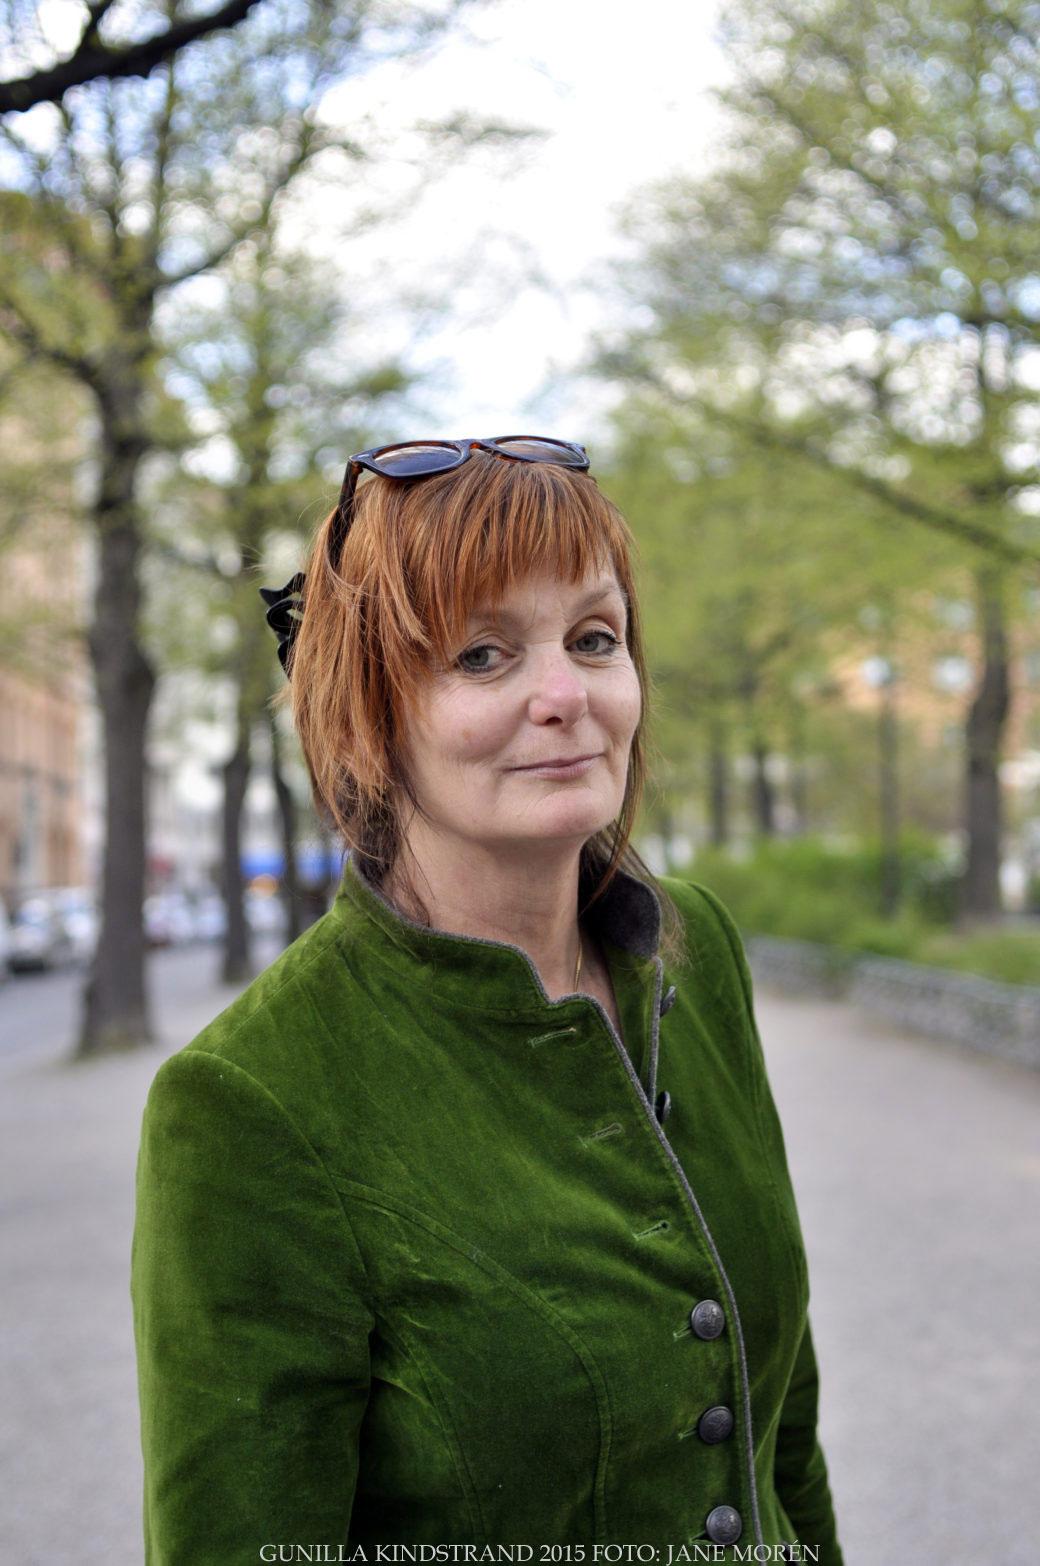 Gunilla Kindstrand- Att söka sin klass och tillhörighet